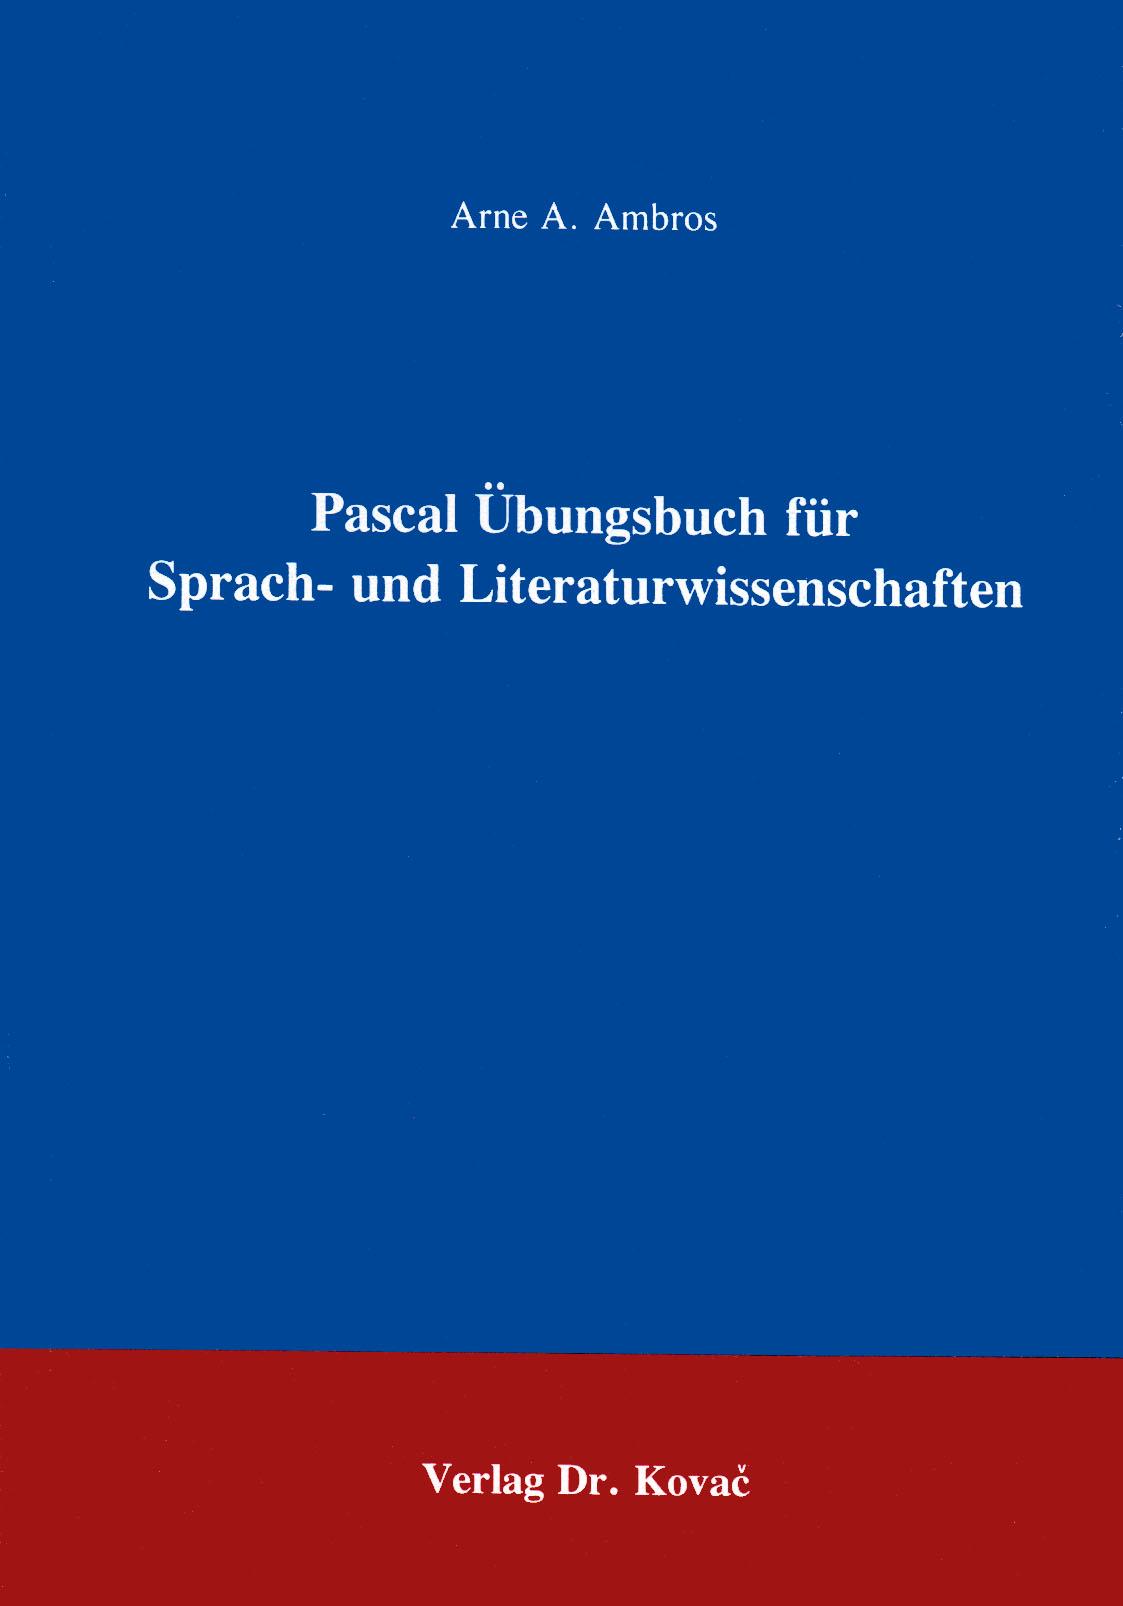 Cover: Pascal Übungsbuch für Sprach- und Literaturwissenschaftler